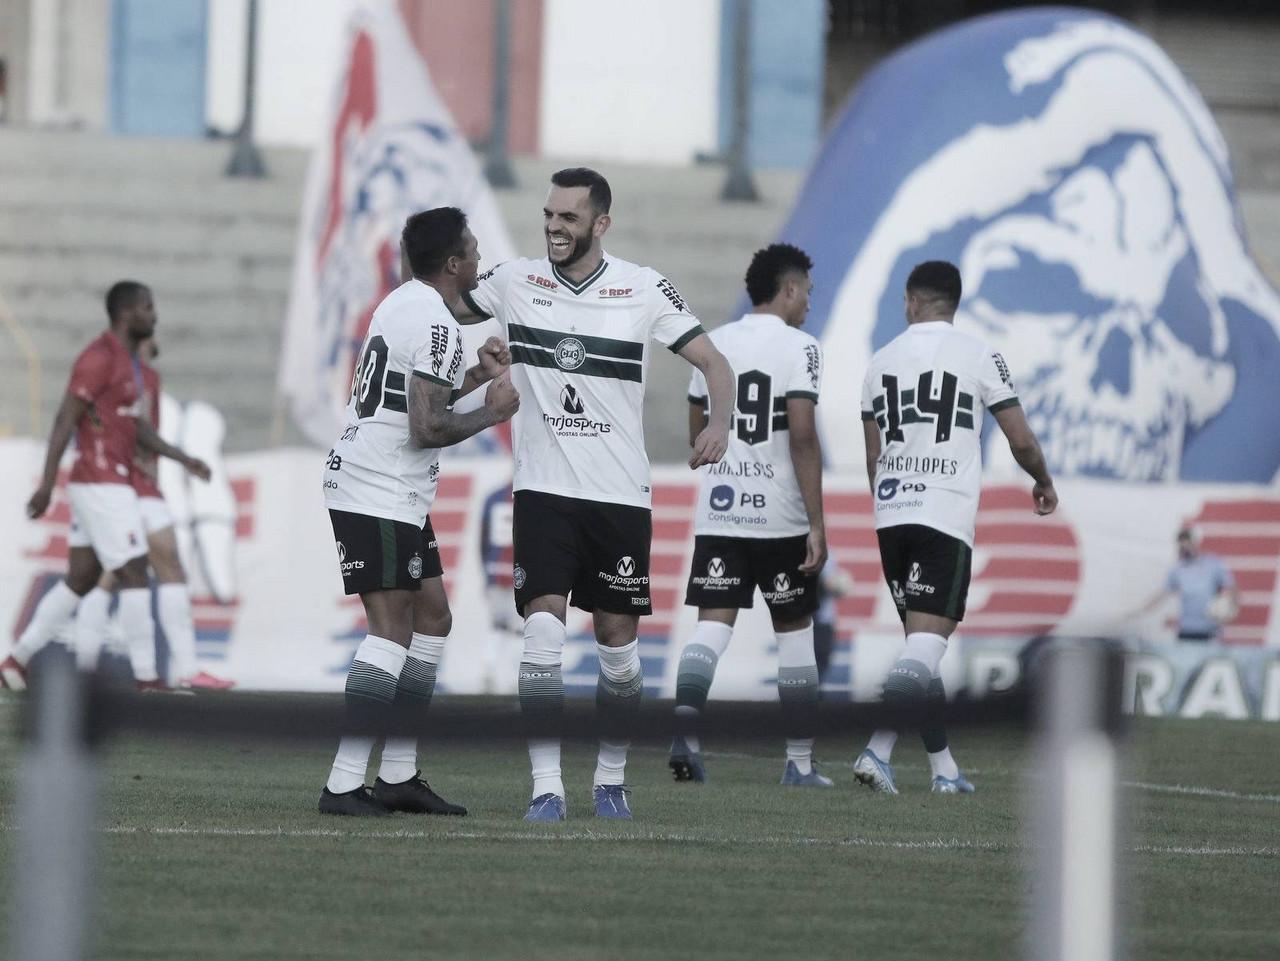 Com 'lei do ex', Coritiba vence Paraná no clássico das quartas de final